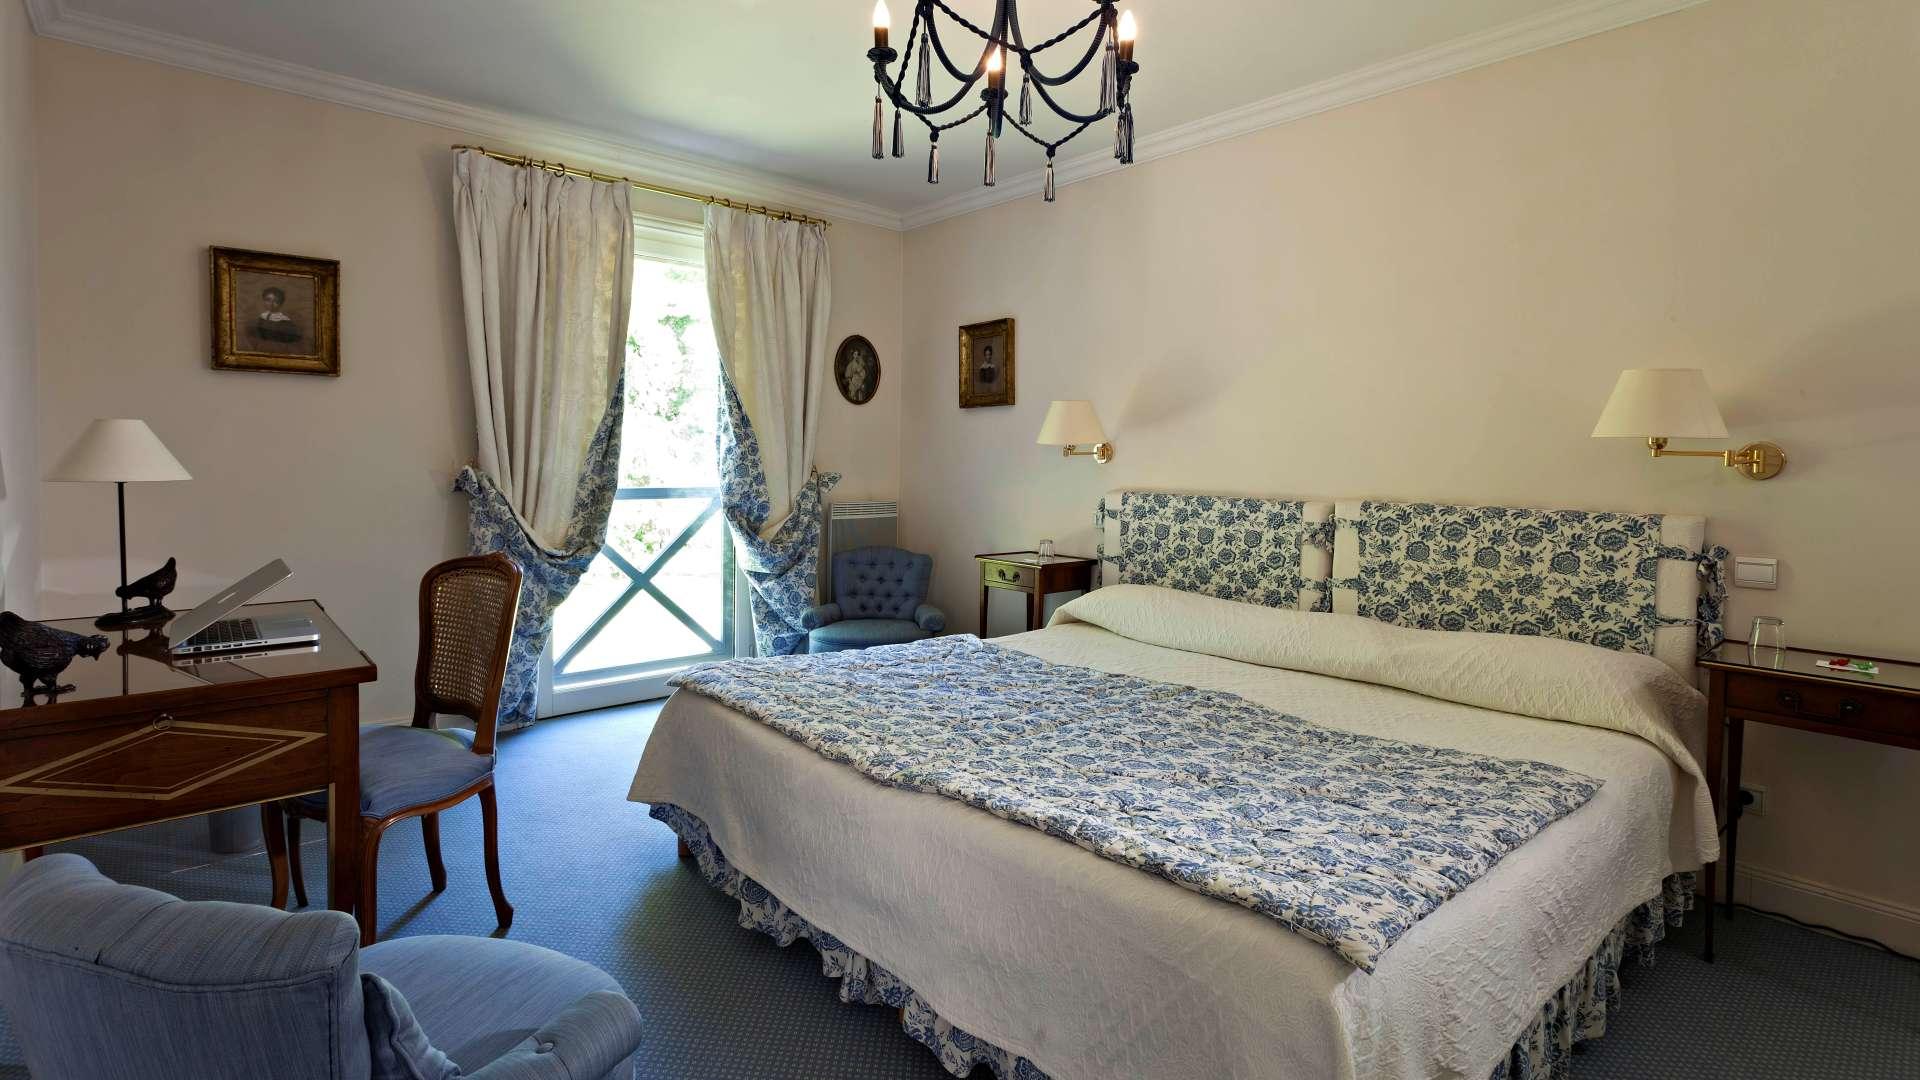 Chambre luxe r servez chambre d 39 h tel boulogne najeti h tel ch teau cl ry - Chambre d enfant de luxe ...